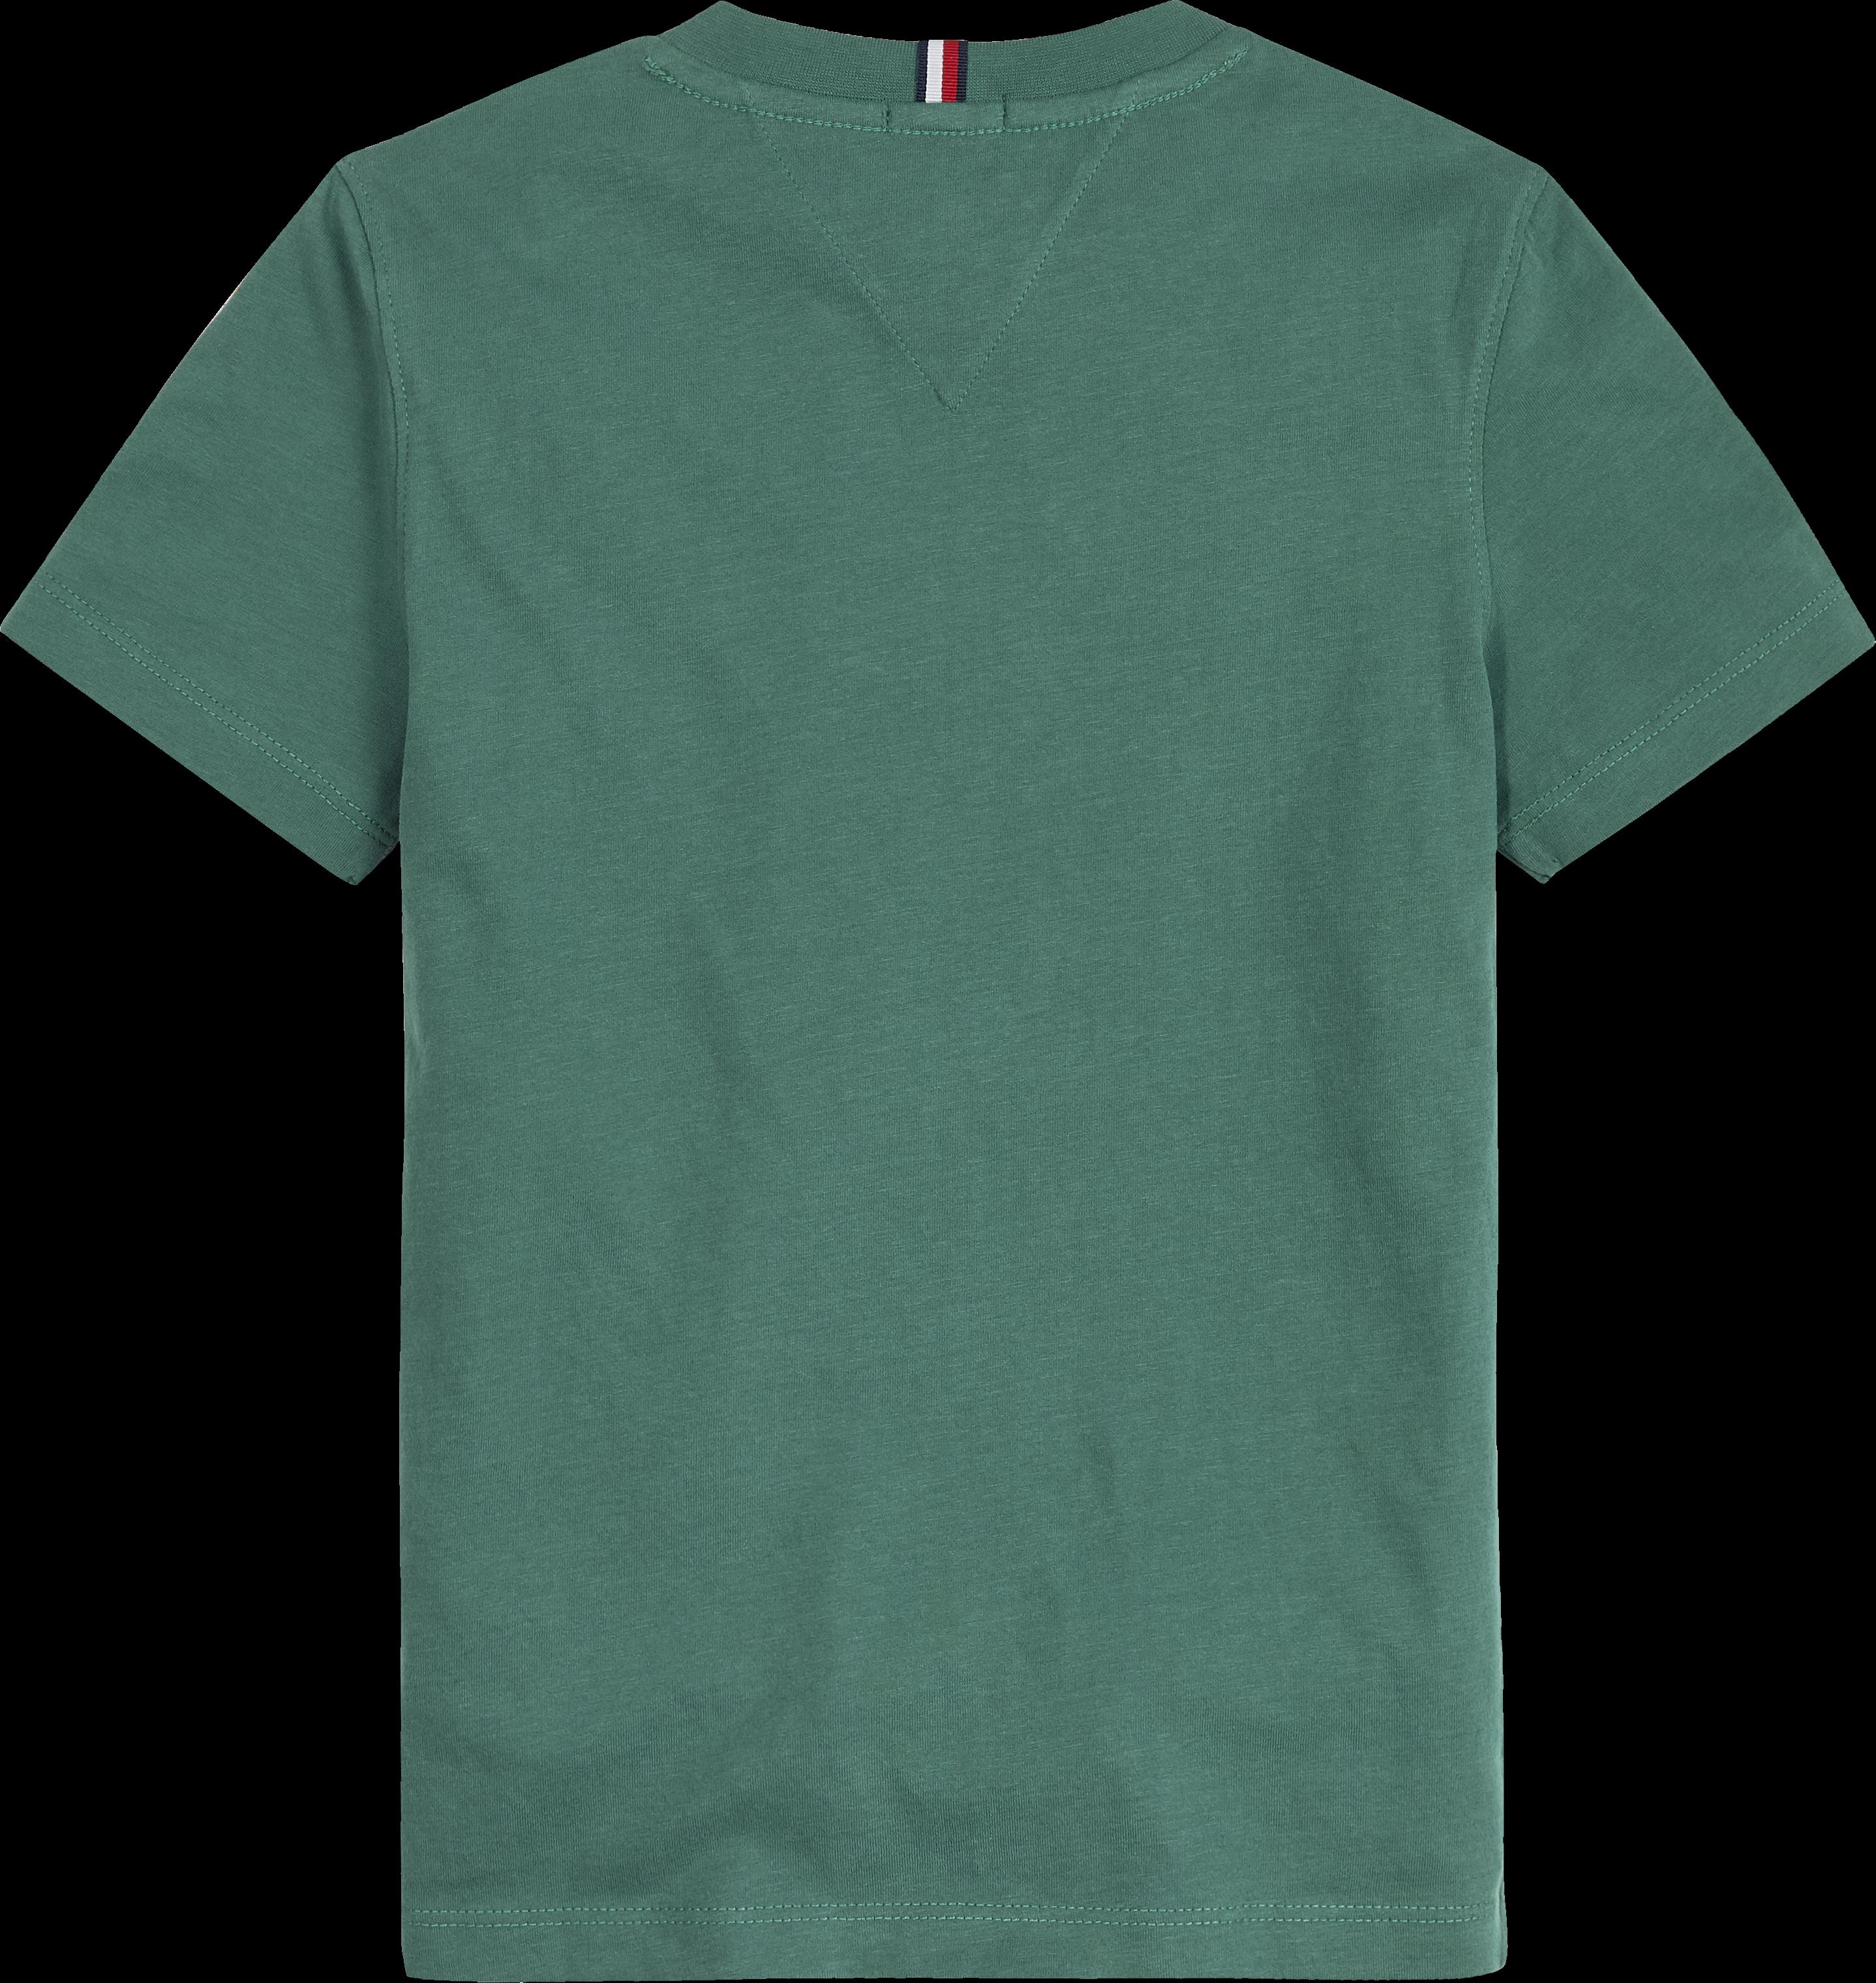 Tommy Hilfiger Mountain Artwork T-shirt, Grøn, 3